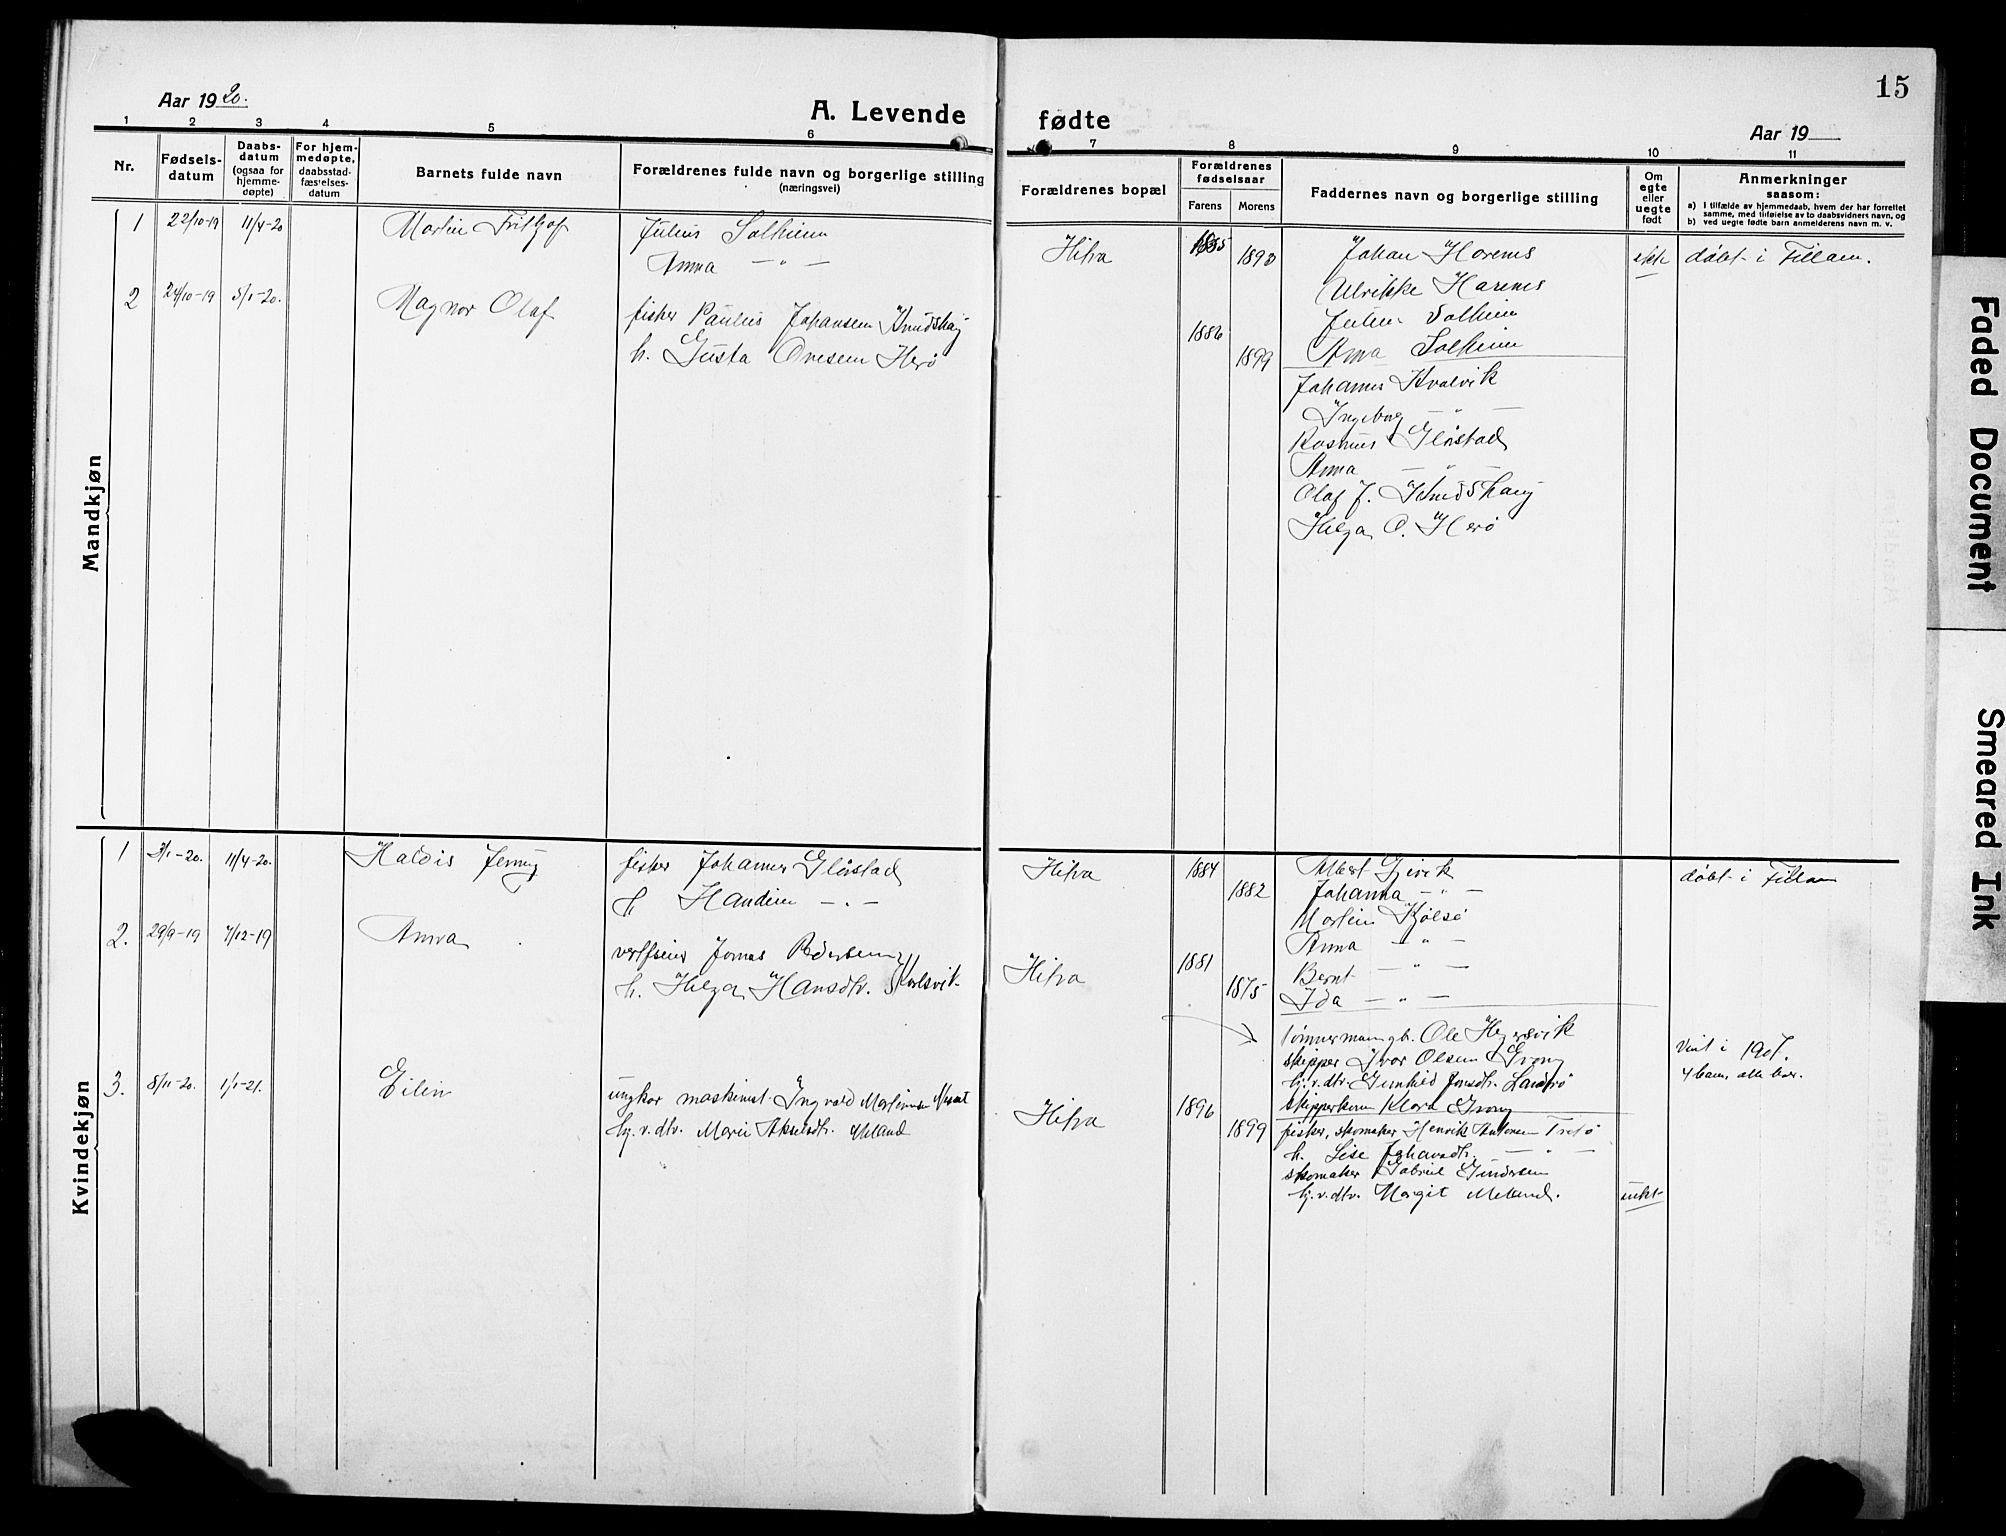 SAT, Ministerialprotokoller, klokkerbøker og fødselsregistre - Sør-Trøndelag, 634/L0543: Klokkerbok nr. 634C05, 1917-1928, s. 15